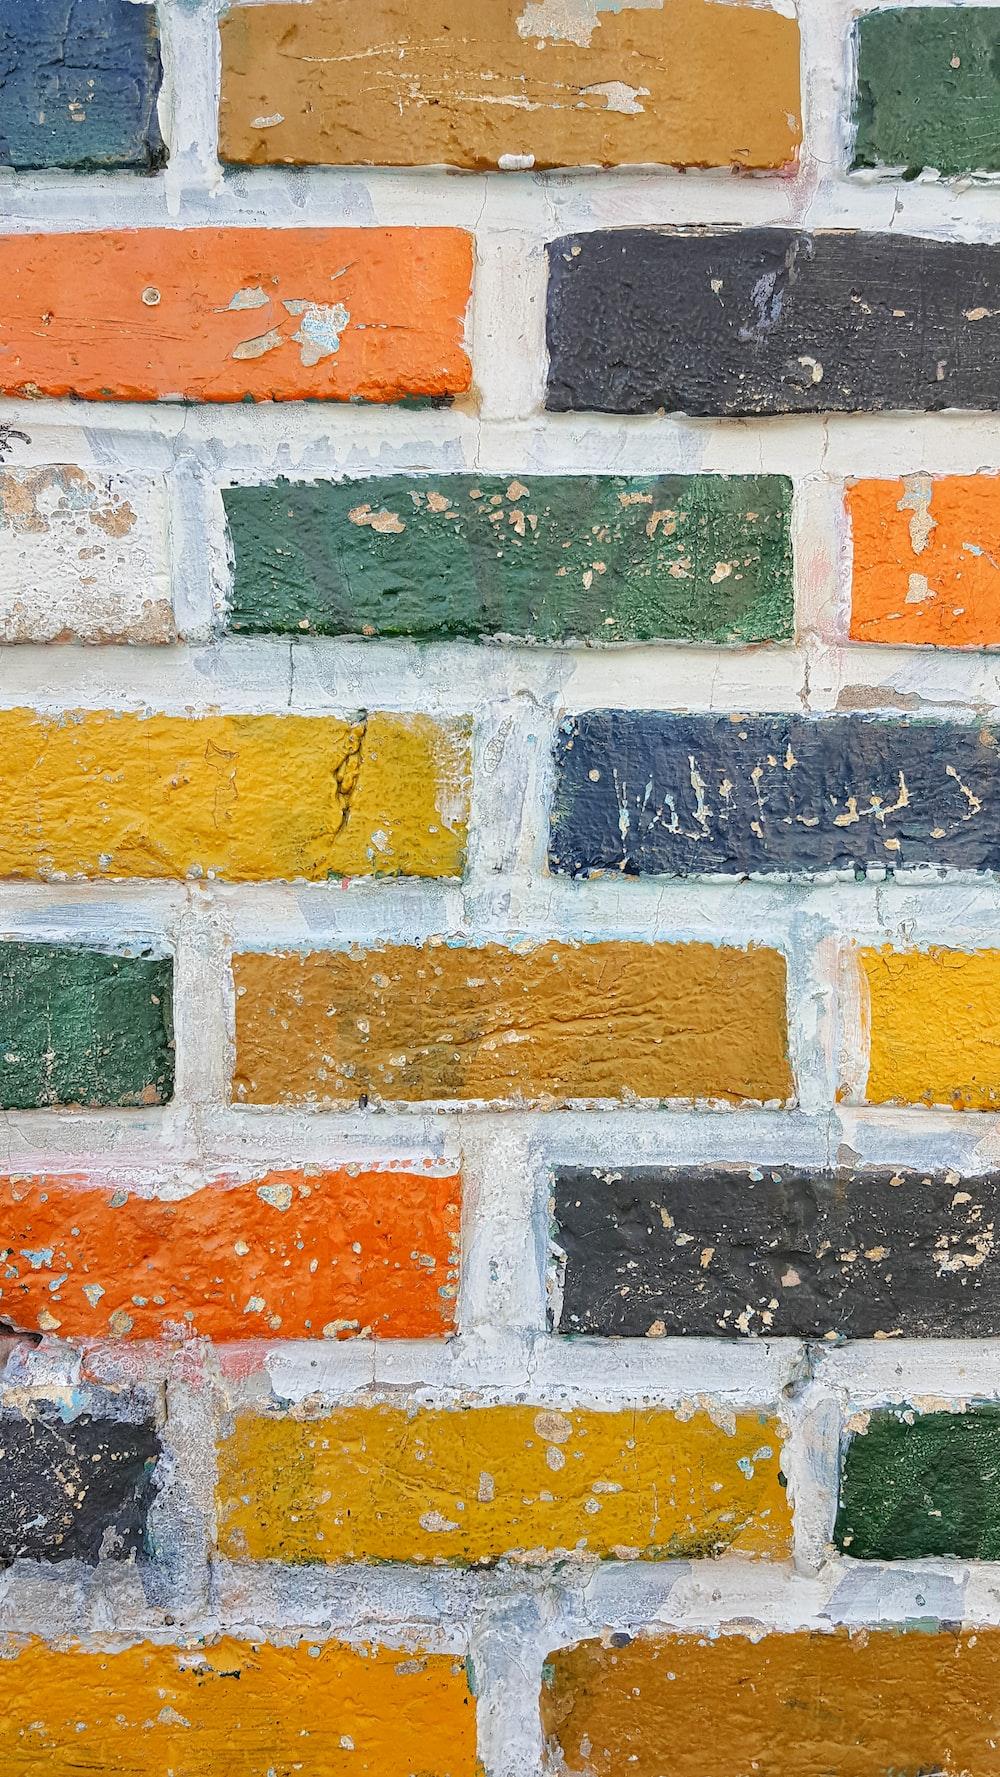 multicolored concrete bricks